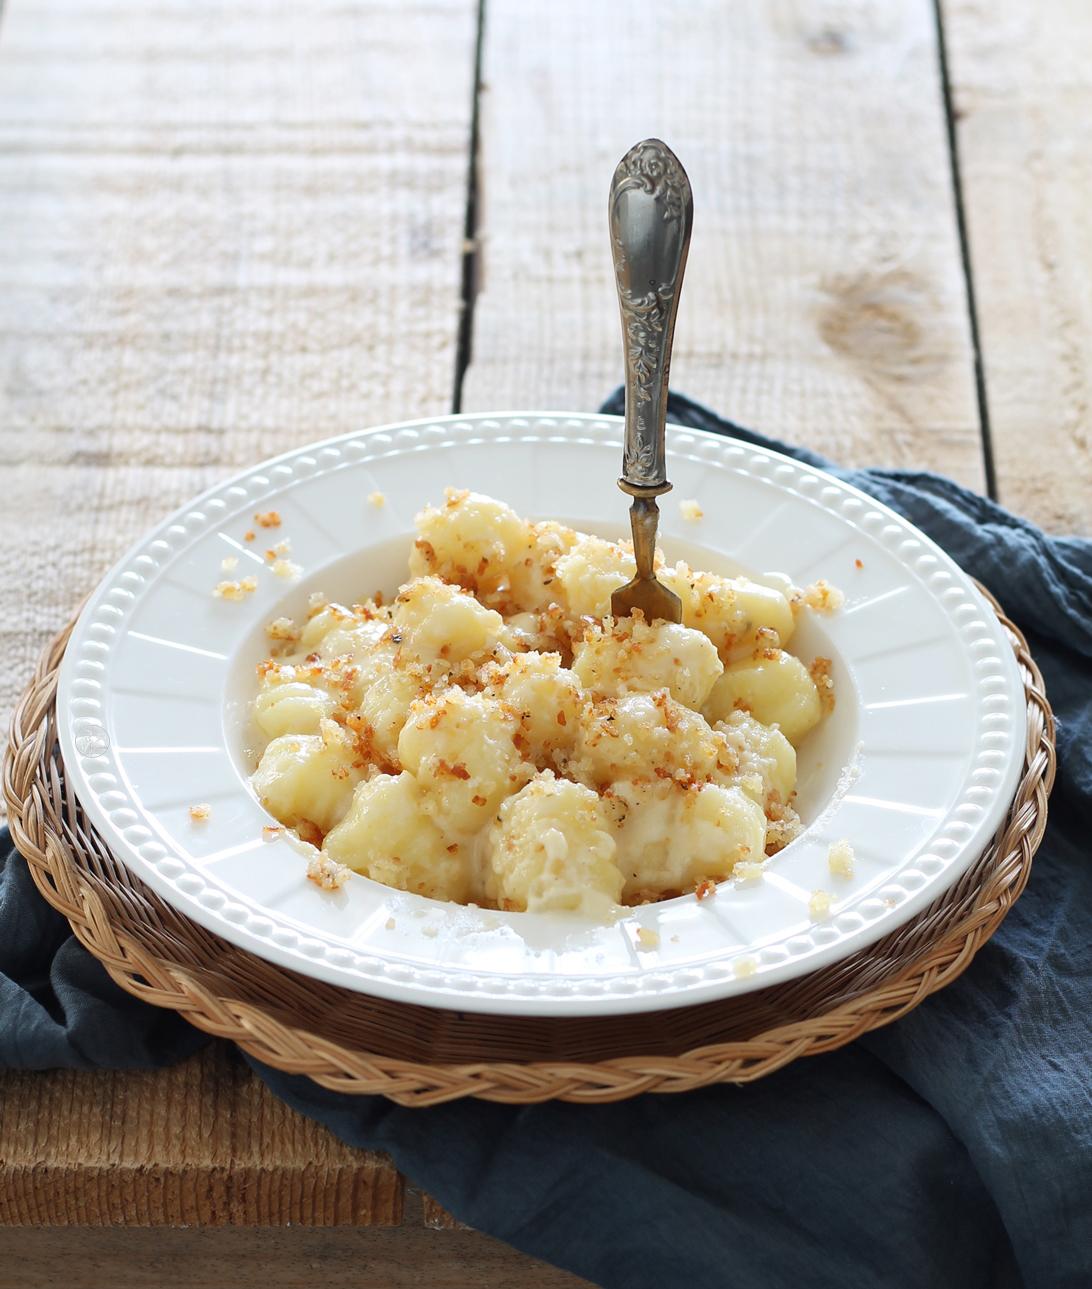 Gnocchis sans gluten avec crème de fromage pecorino - La Cassata Celiaca